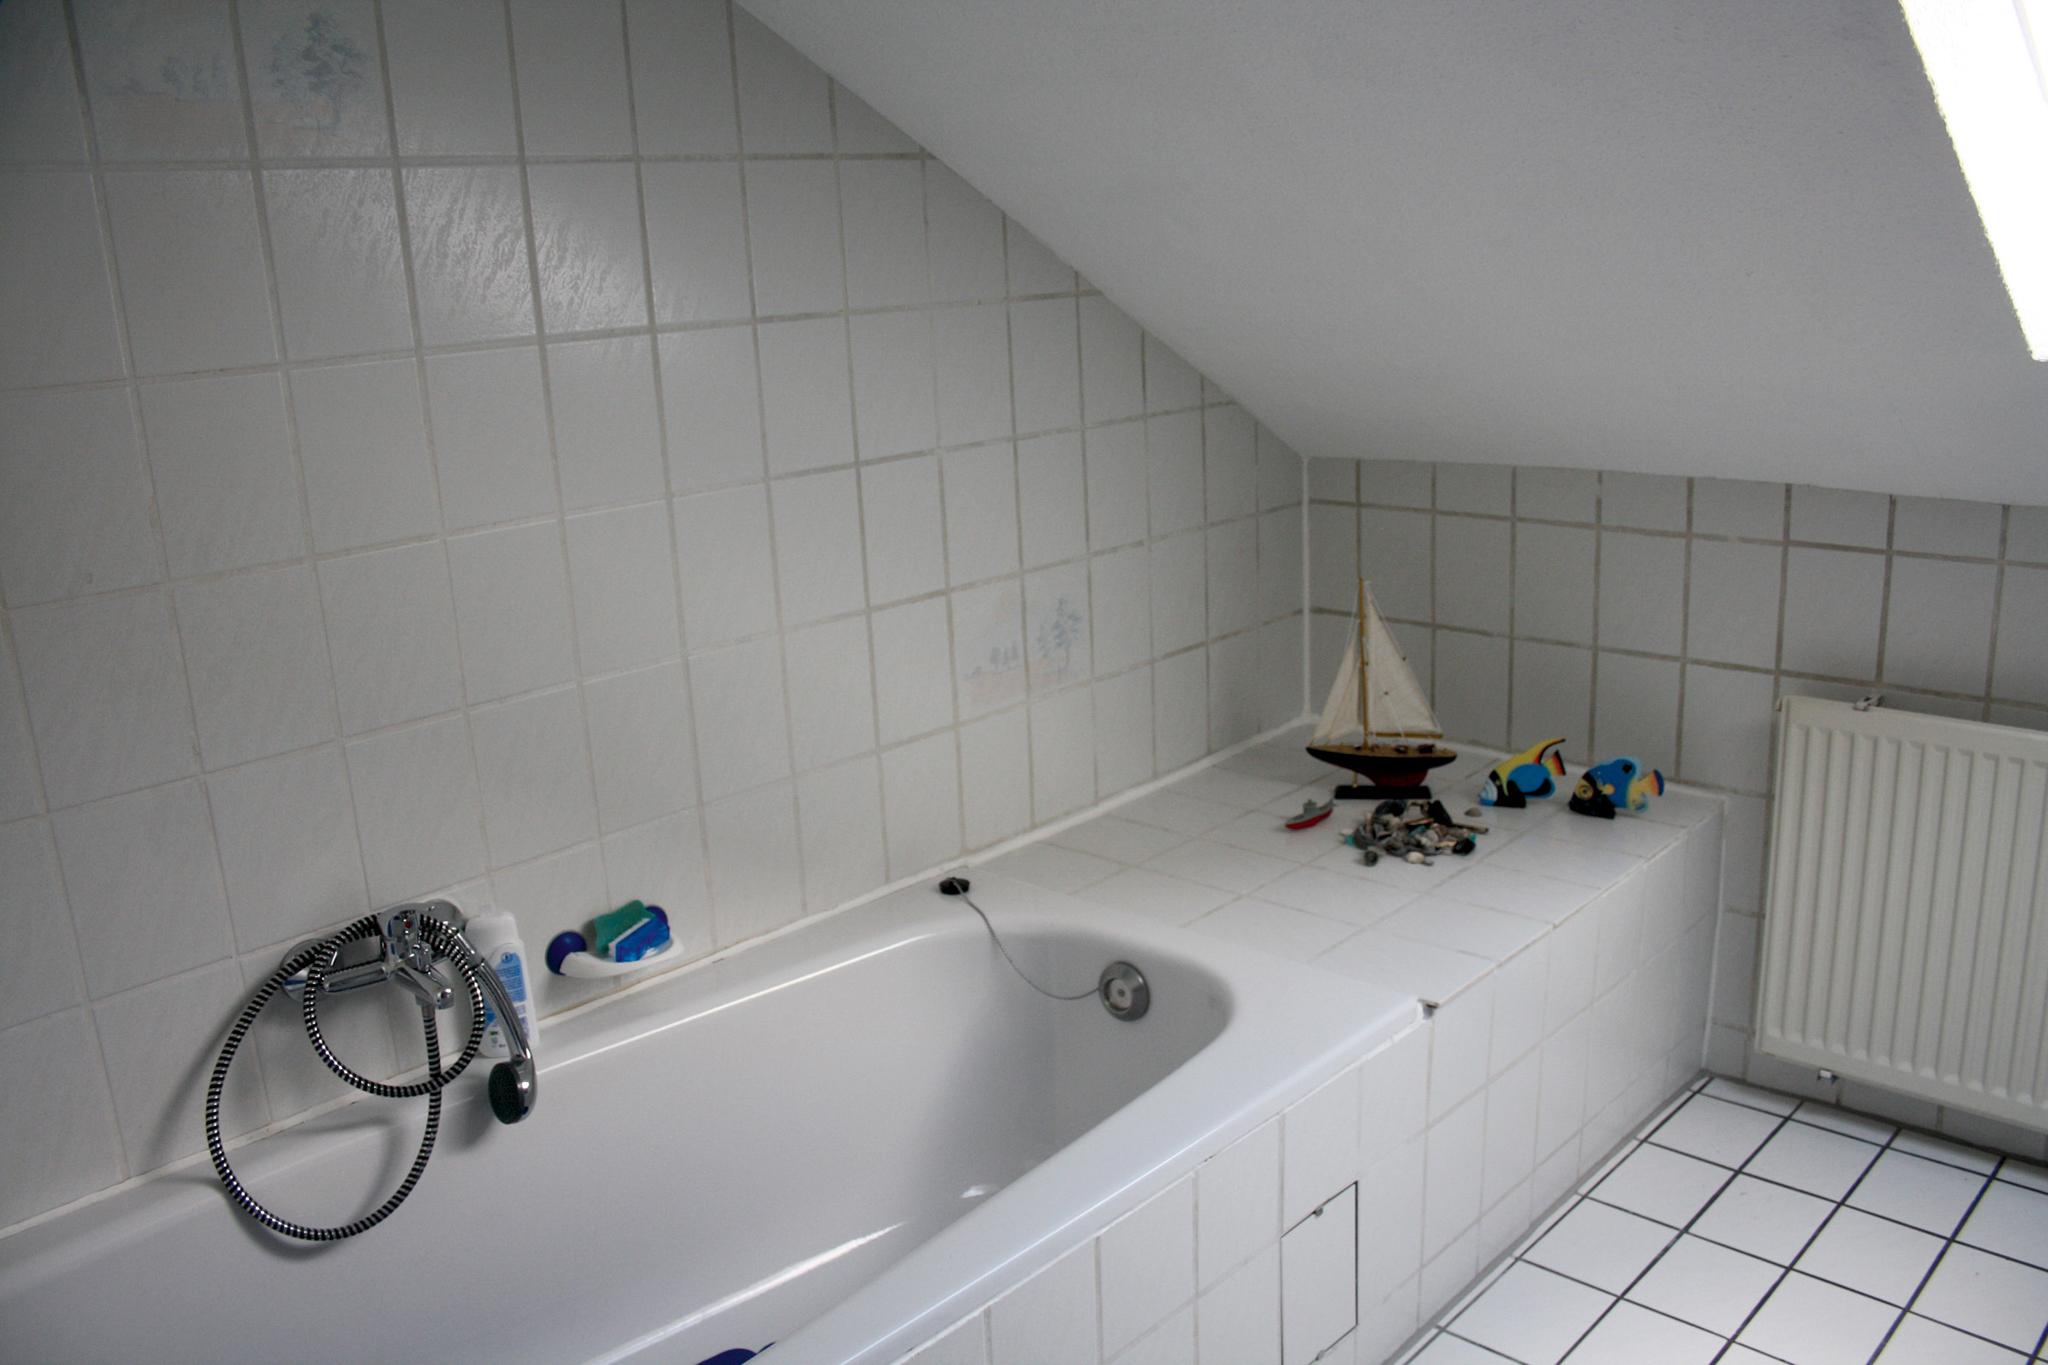 test lacke und lasuren wilckens fliesenlack von wilckens sehr gut. Black Bedroom Furniture Sets. Home Design Ideas